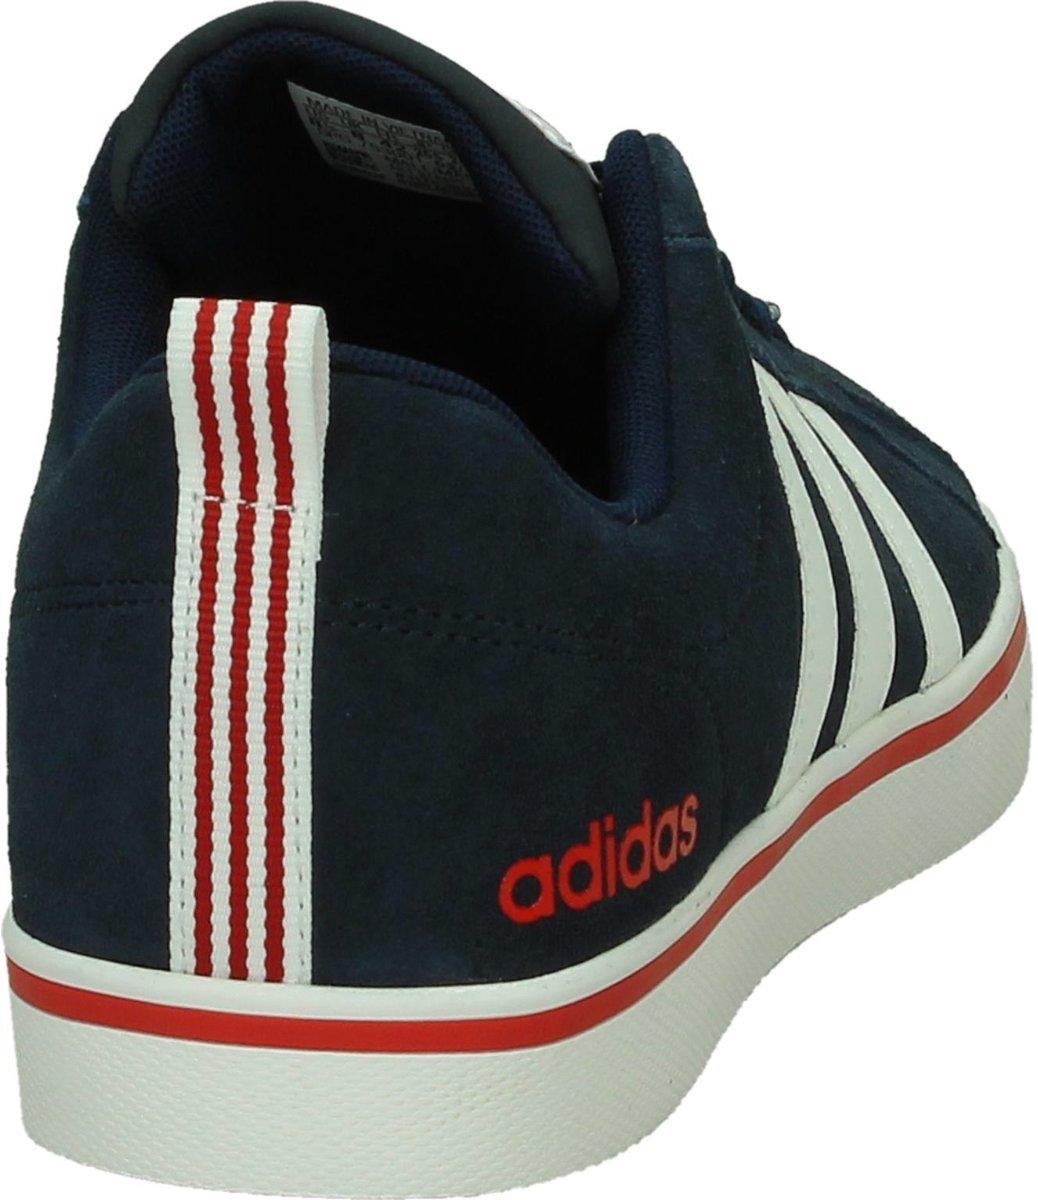 Adidas - Plus De Rythme - Sport Faible Sneakers - Hommes - Taille 44 - Bleu - Bleu Marine Collégiale z7LerZzkMR